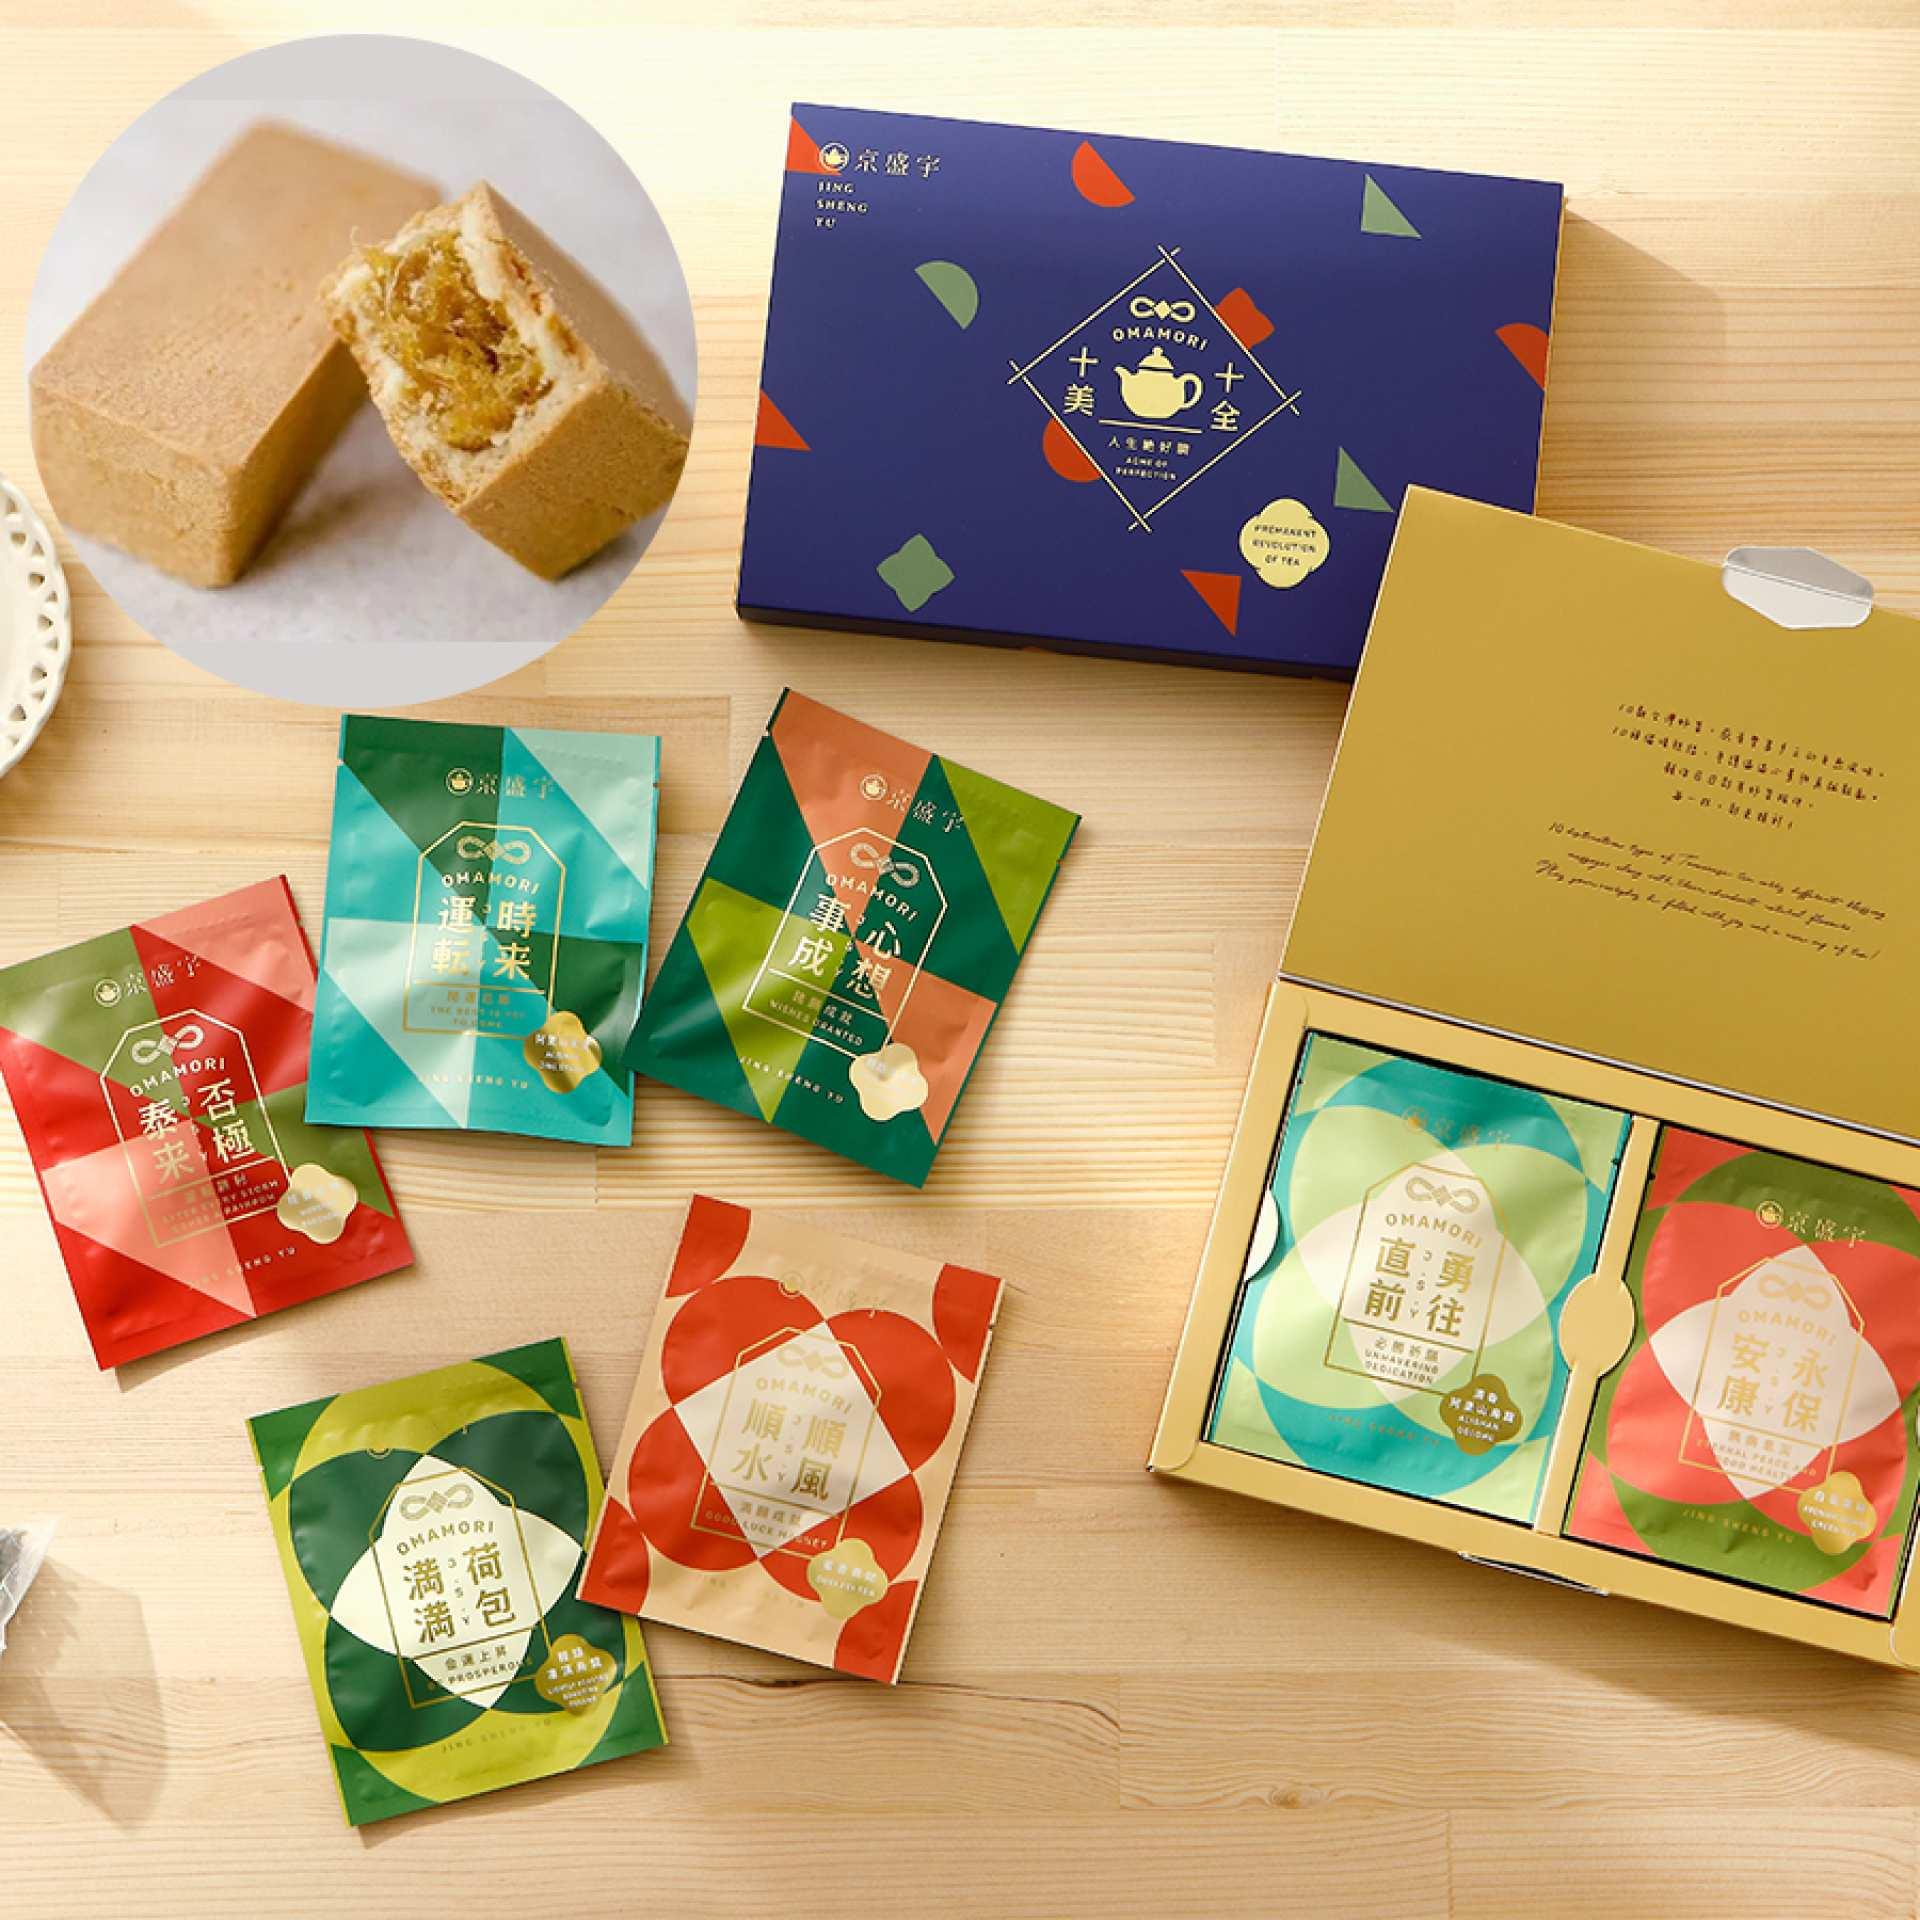 【2021新春限定】京盛宇|十全十美おまもりデザインの台湾茶ティーバッグ+サニーヒルズ パイナップルケーキ|おうちで台湾